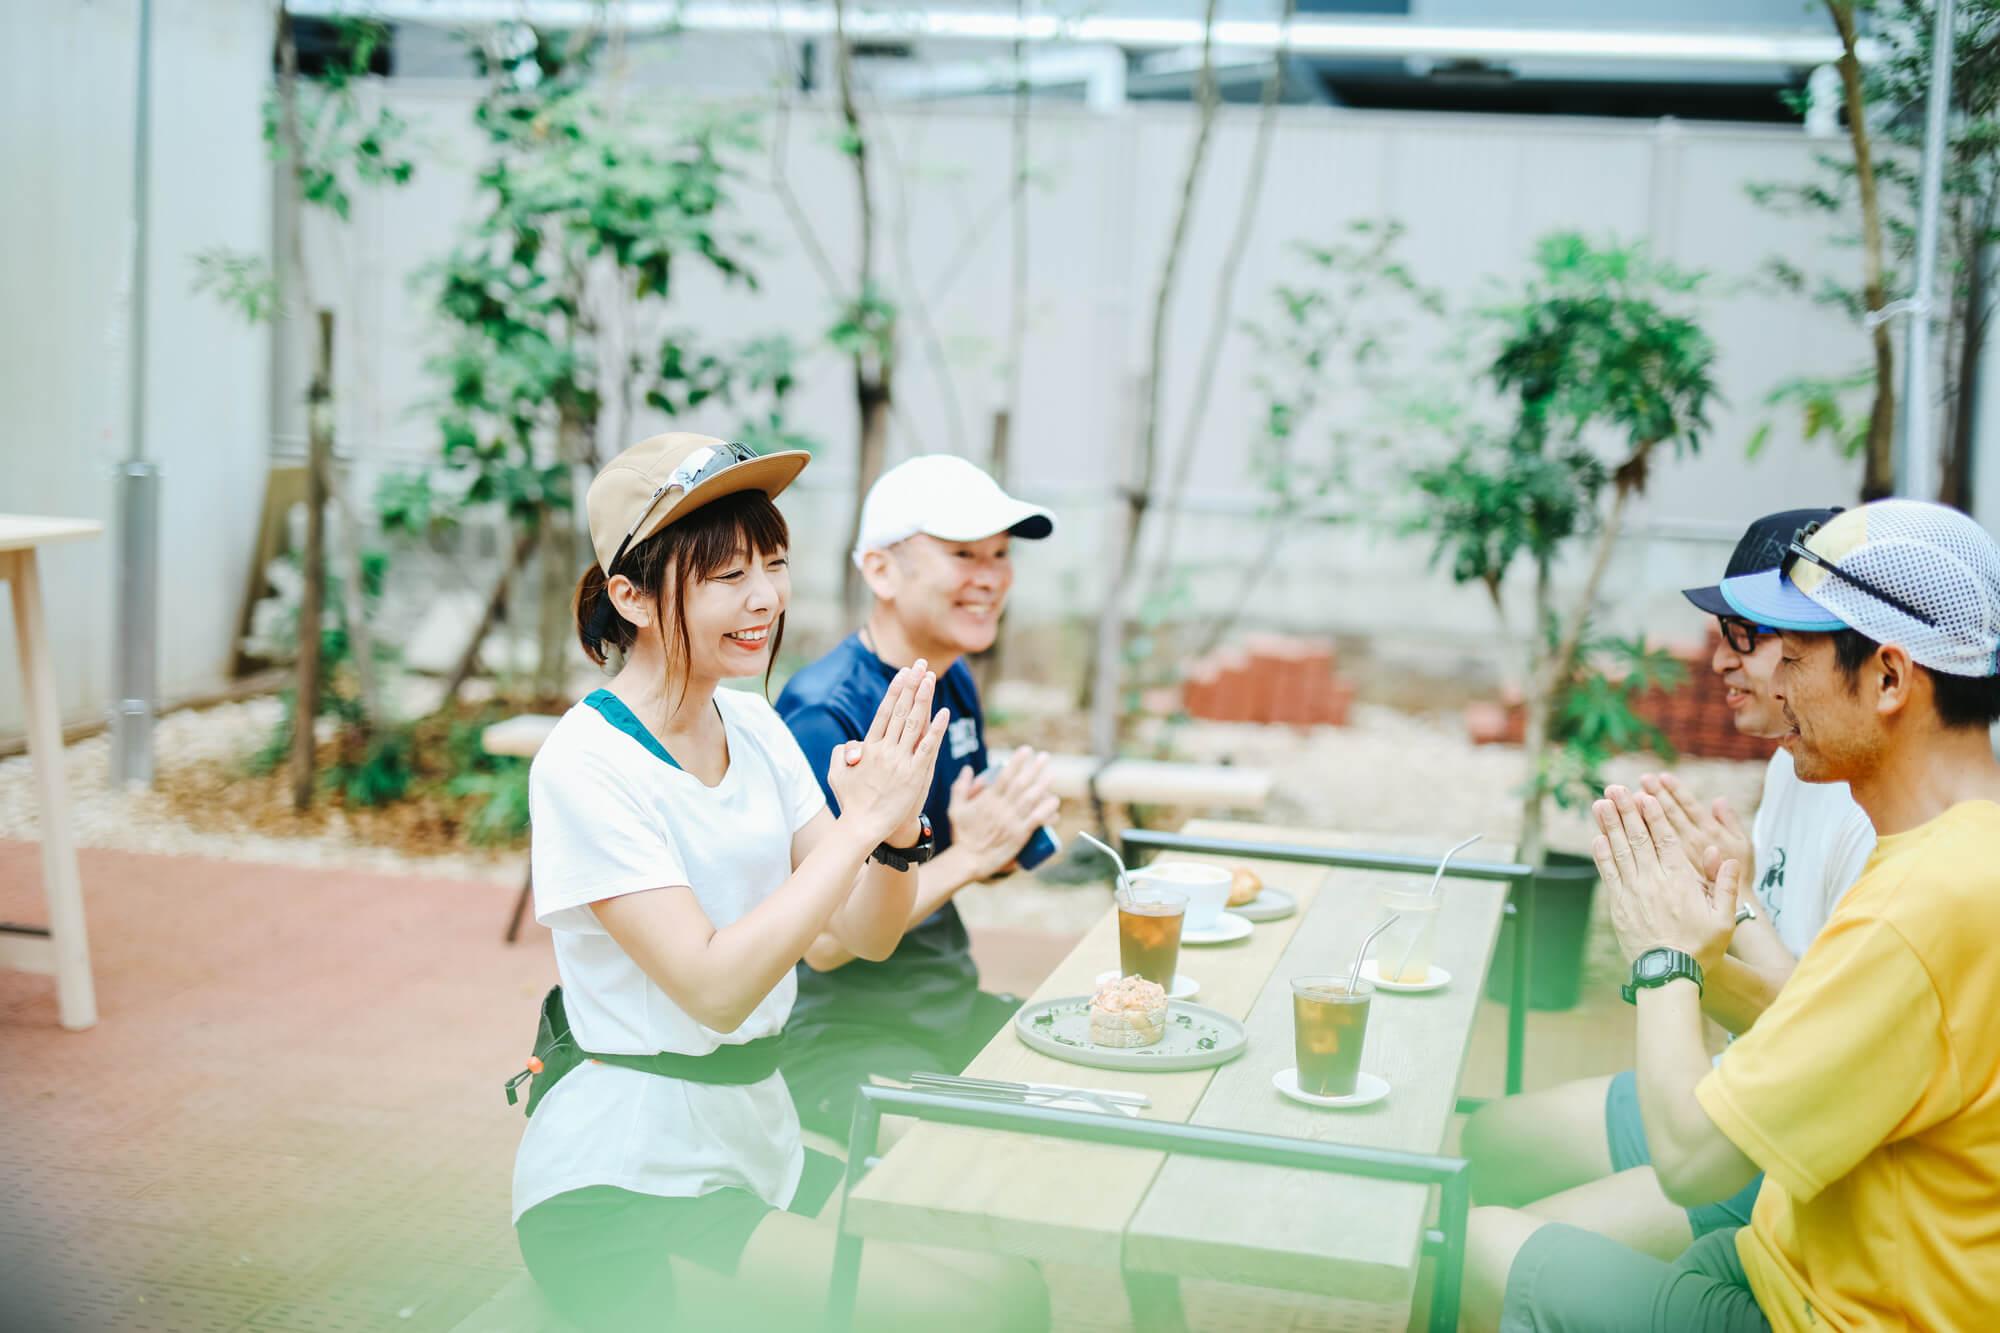 カフェで朝食を摂る人たち